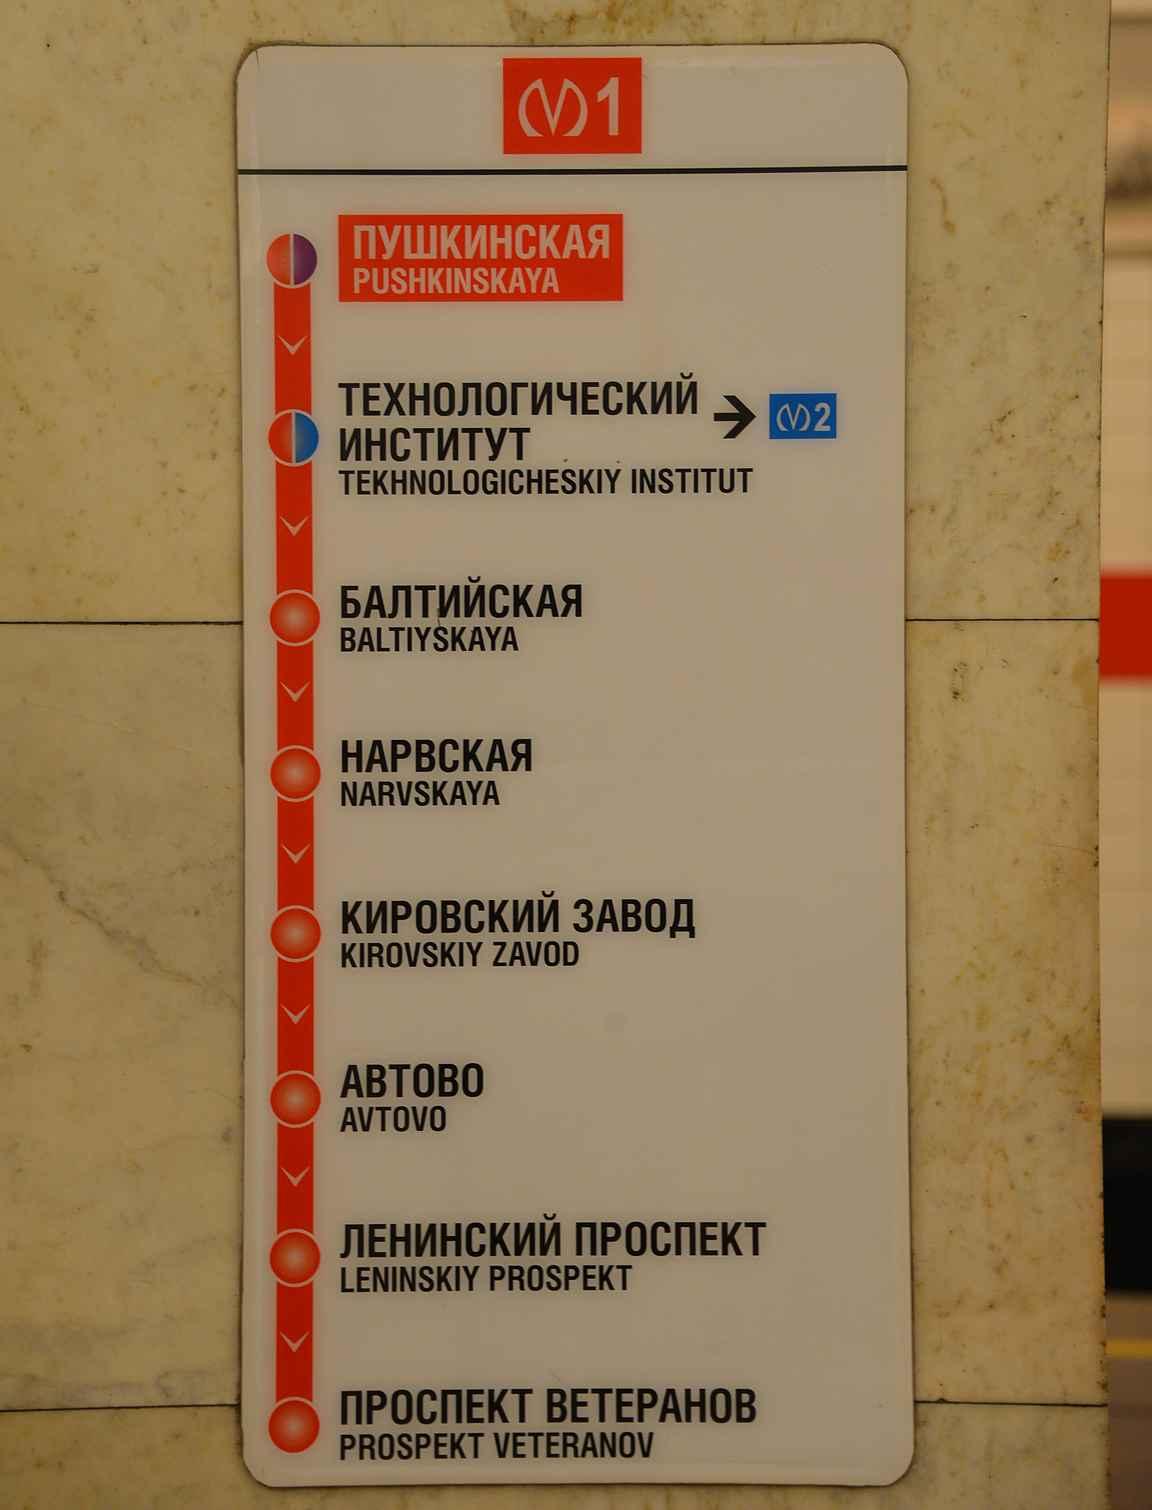 Pietarin kauneimmat metroasemat löytyvät pitkälti punaisen linjan varrelta.